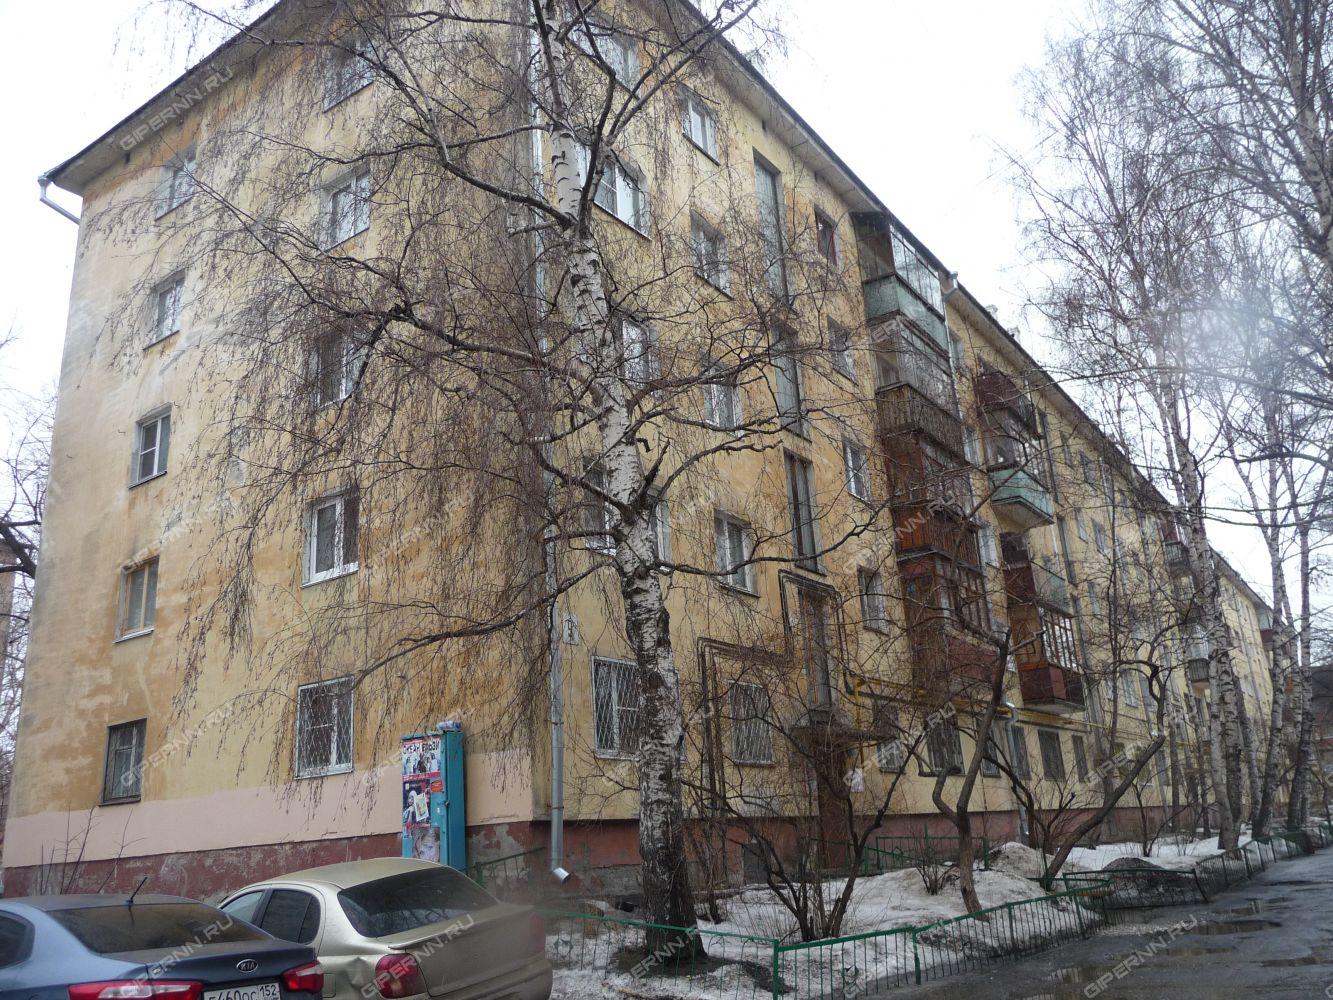 НОВАРХИТЕКТУРА, Великий Новгород - Архитектурное